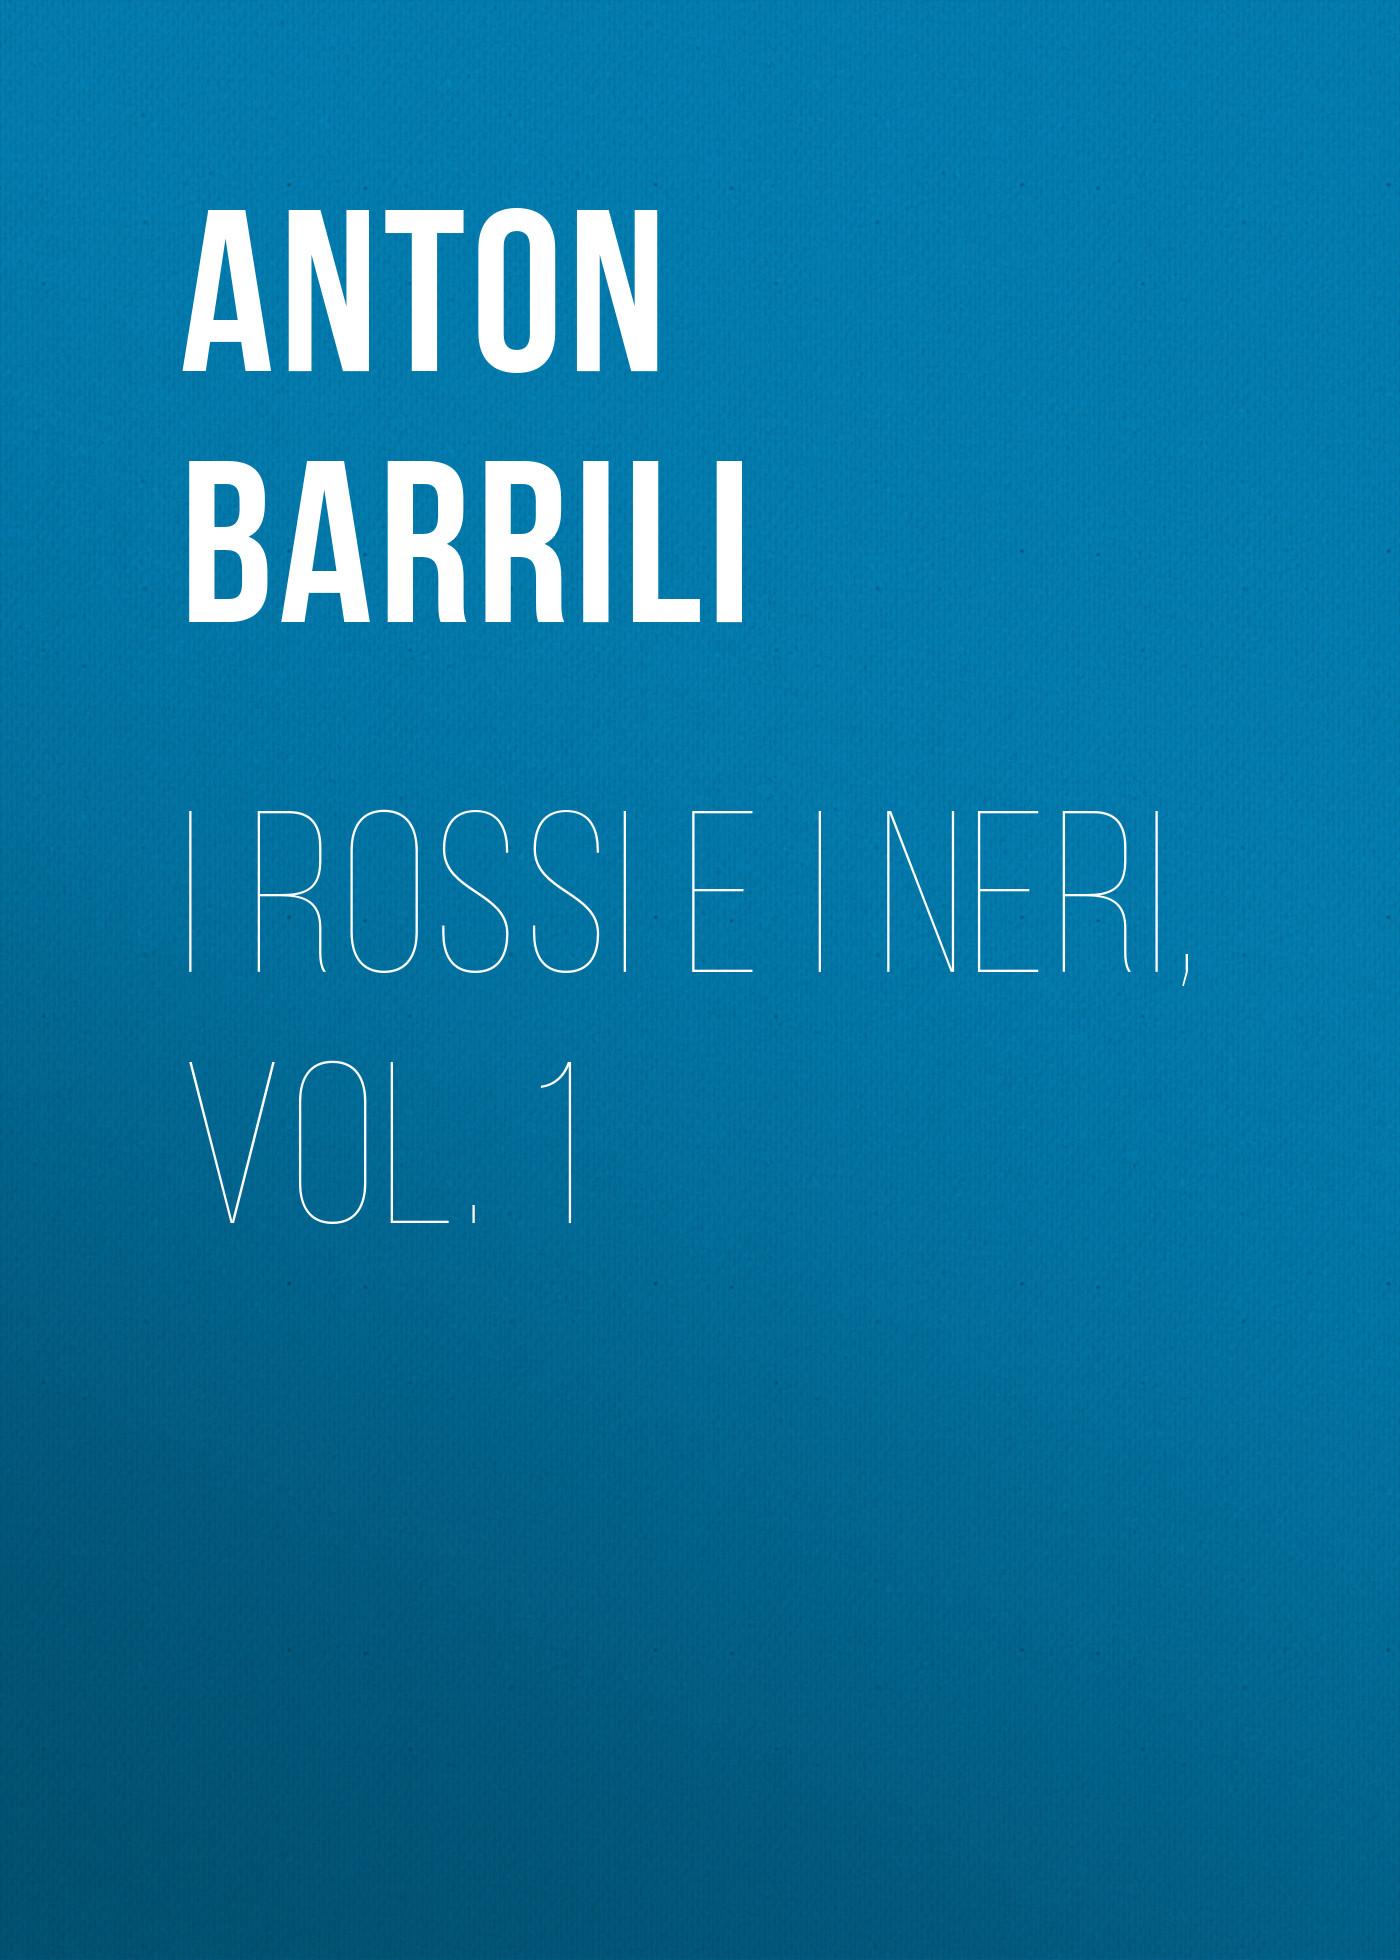 bcaaf88a95b9 Barrili Anton Giulio I rossi e i neri, vol. 1